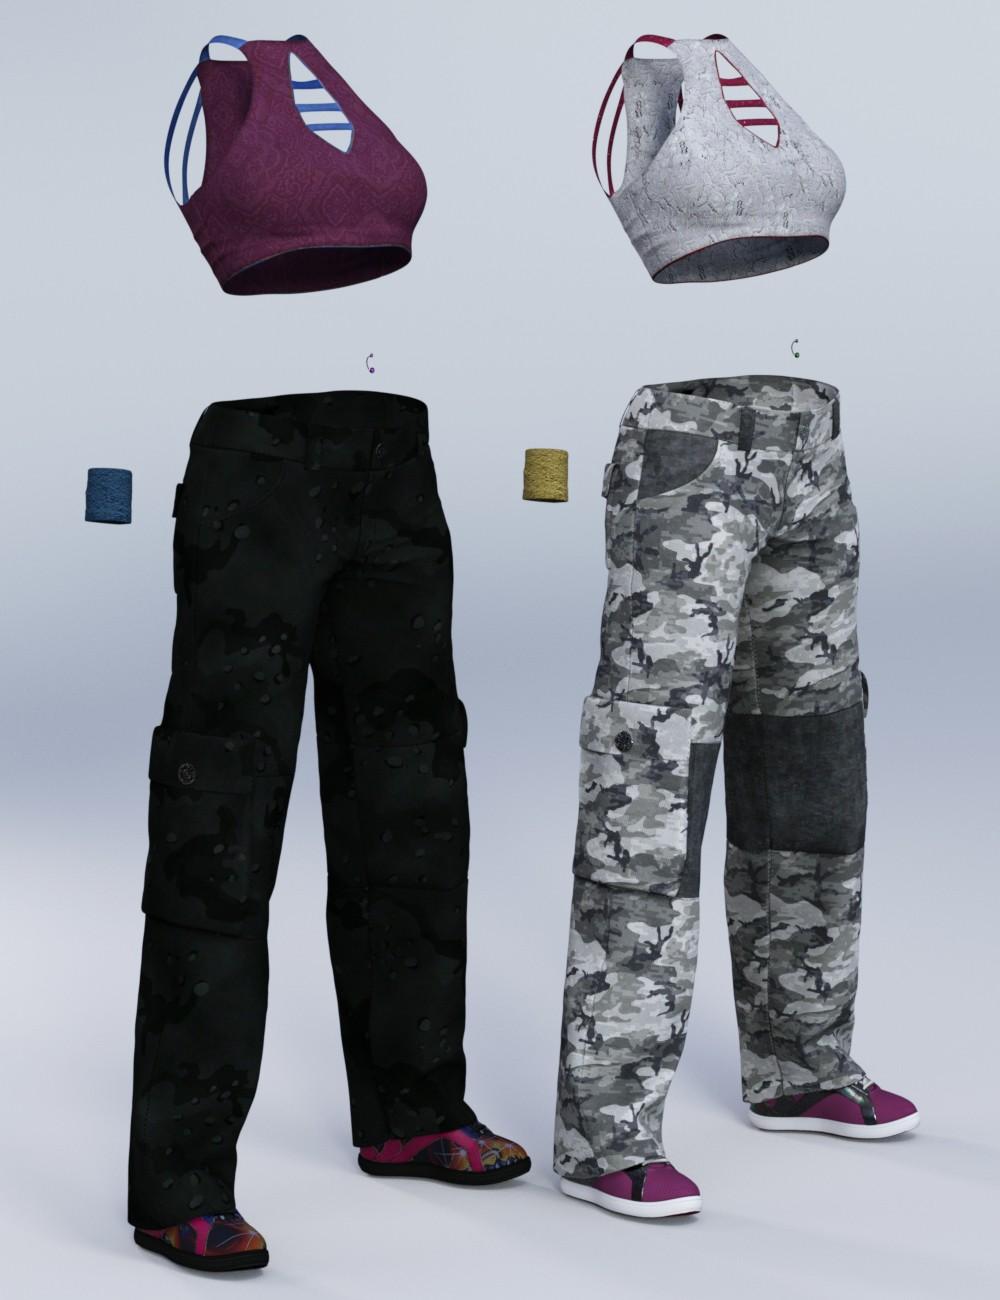 download daz studio 3 for free daz 3d hip hop outfit. Black Bedroom Furniture Sets. Home Design Ideas